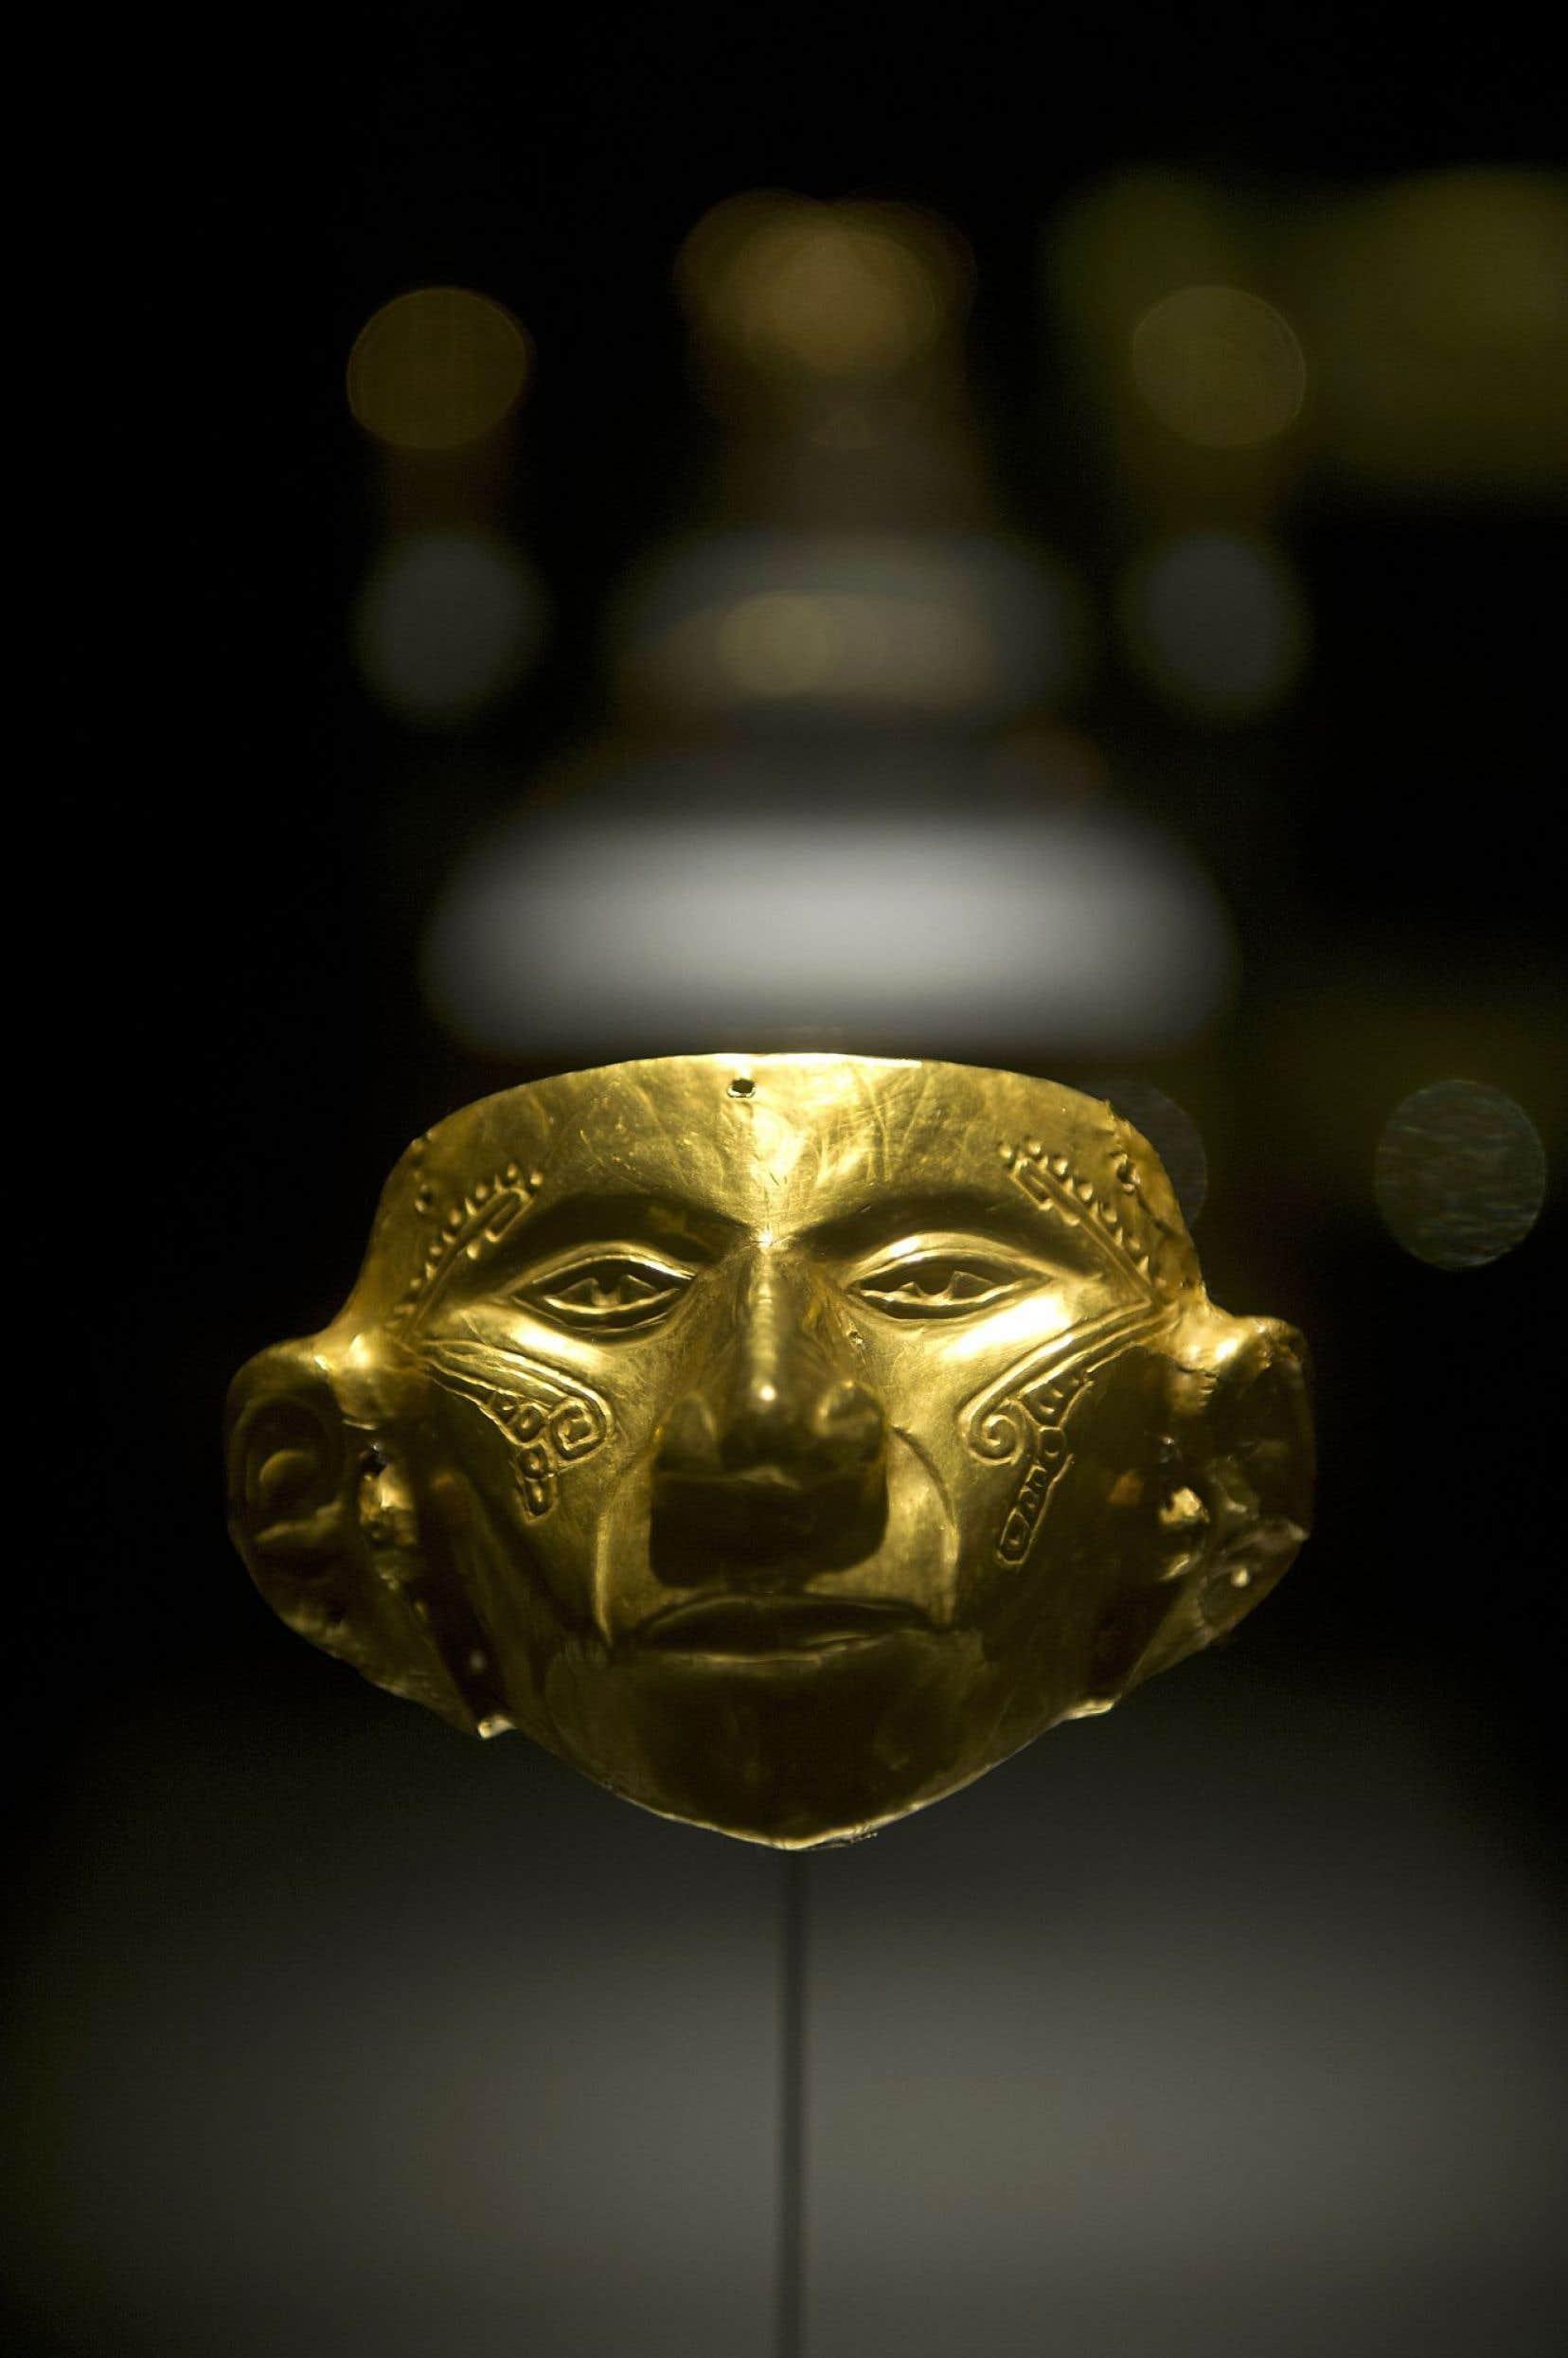 Une pièce du Musée de l'or à Bogotá. L'exposition permanente y raconte de quelle façon l'or et d'autres métaux furent utilisés par les sociétés préhispaniques, qui vécurent dans ce qui est aujourd'hui la Colombie, avant les contacts avec l'Europe.